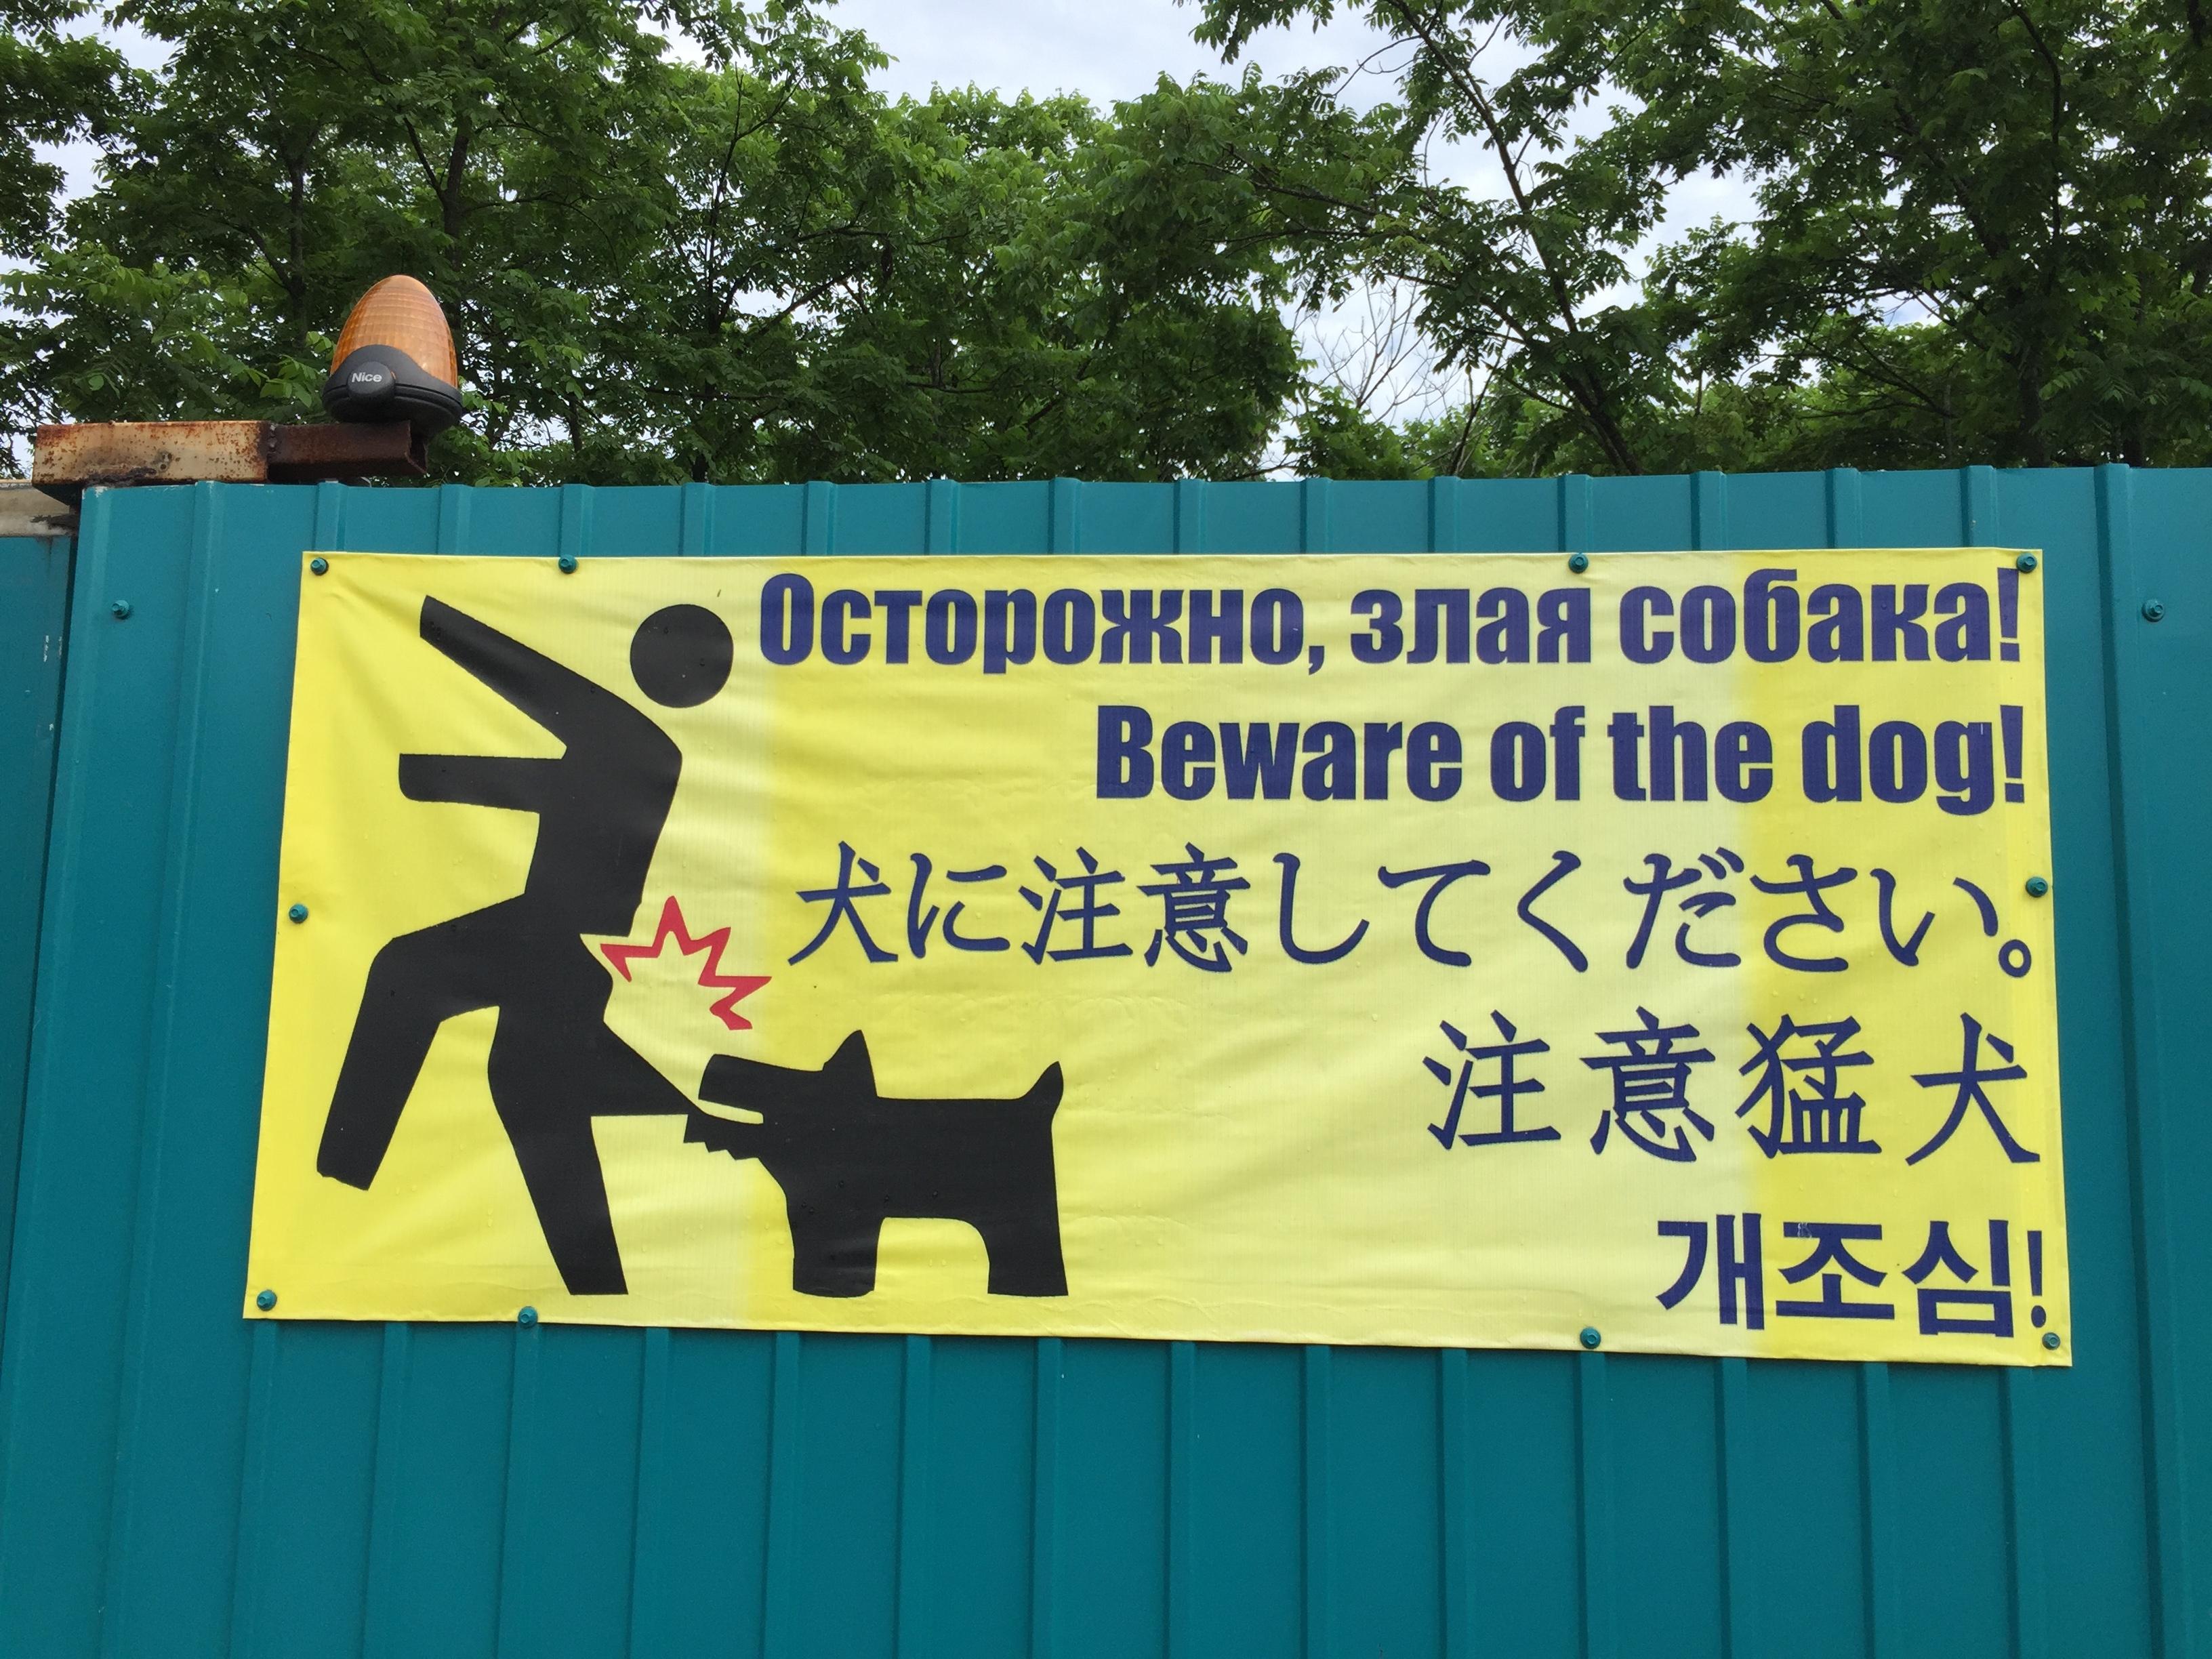 На территории России уже начинаются китайские иероглифы :-)